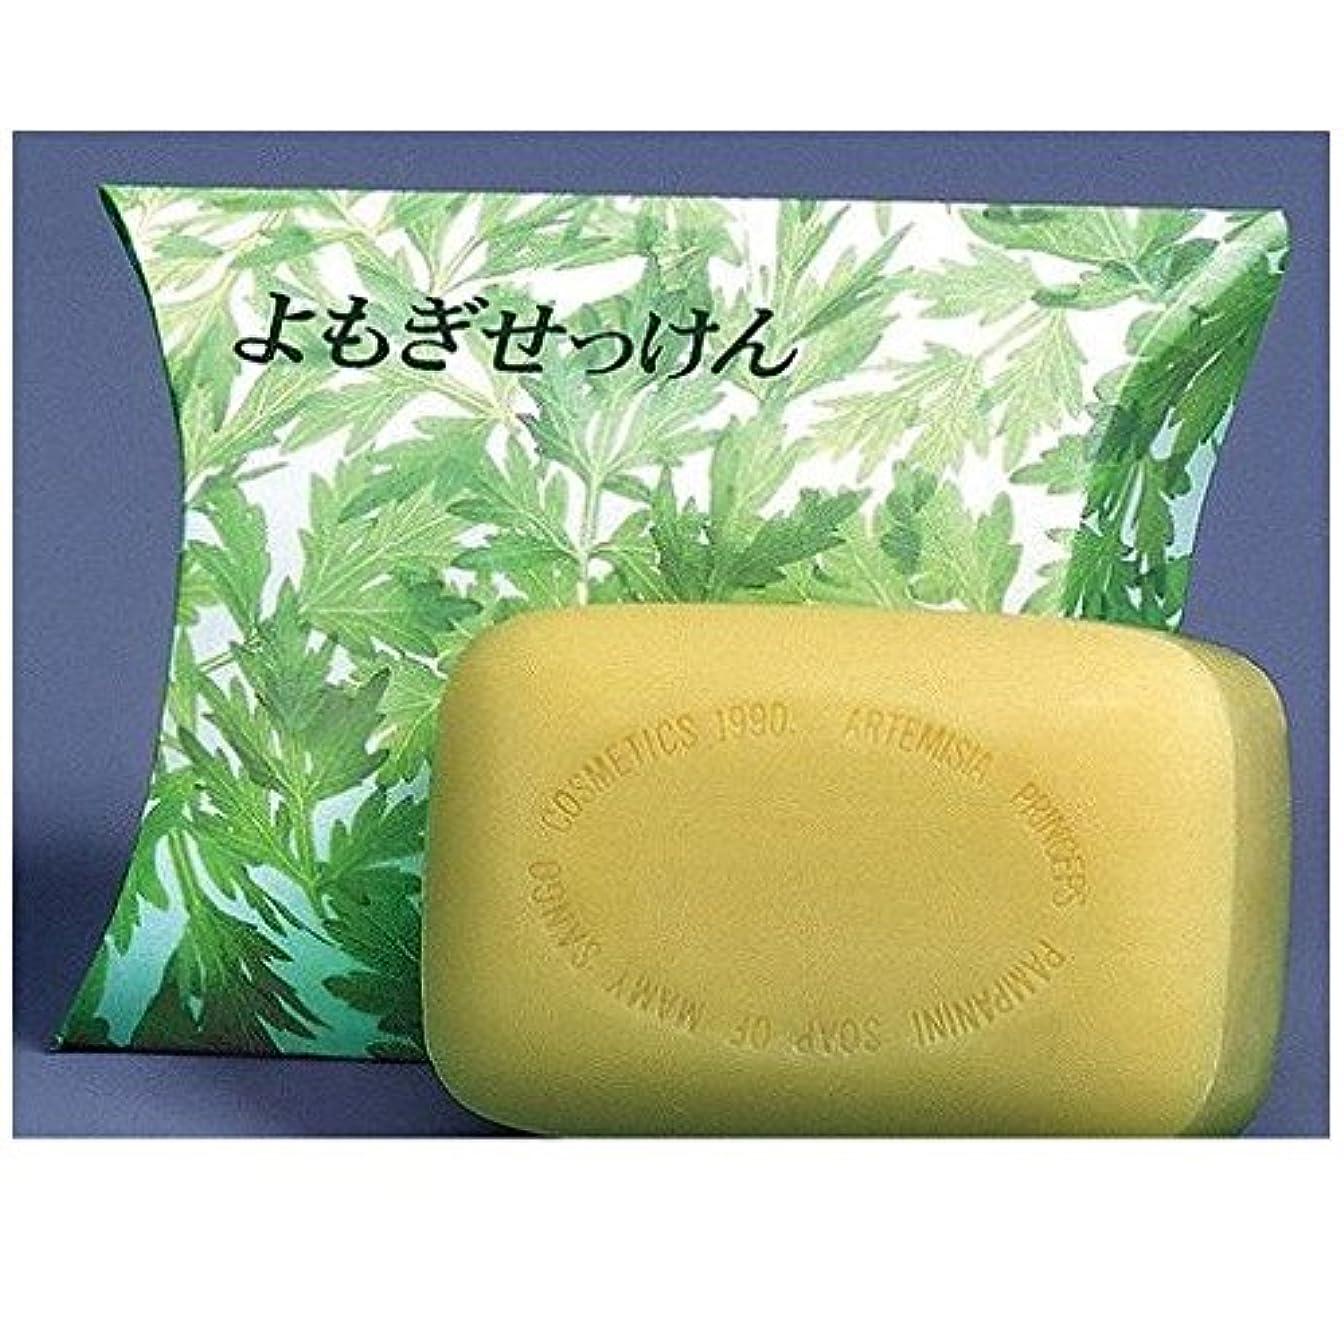 日食排泄物酒AS01737 よもぎ石鹸 浴用石鹸